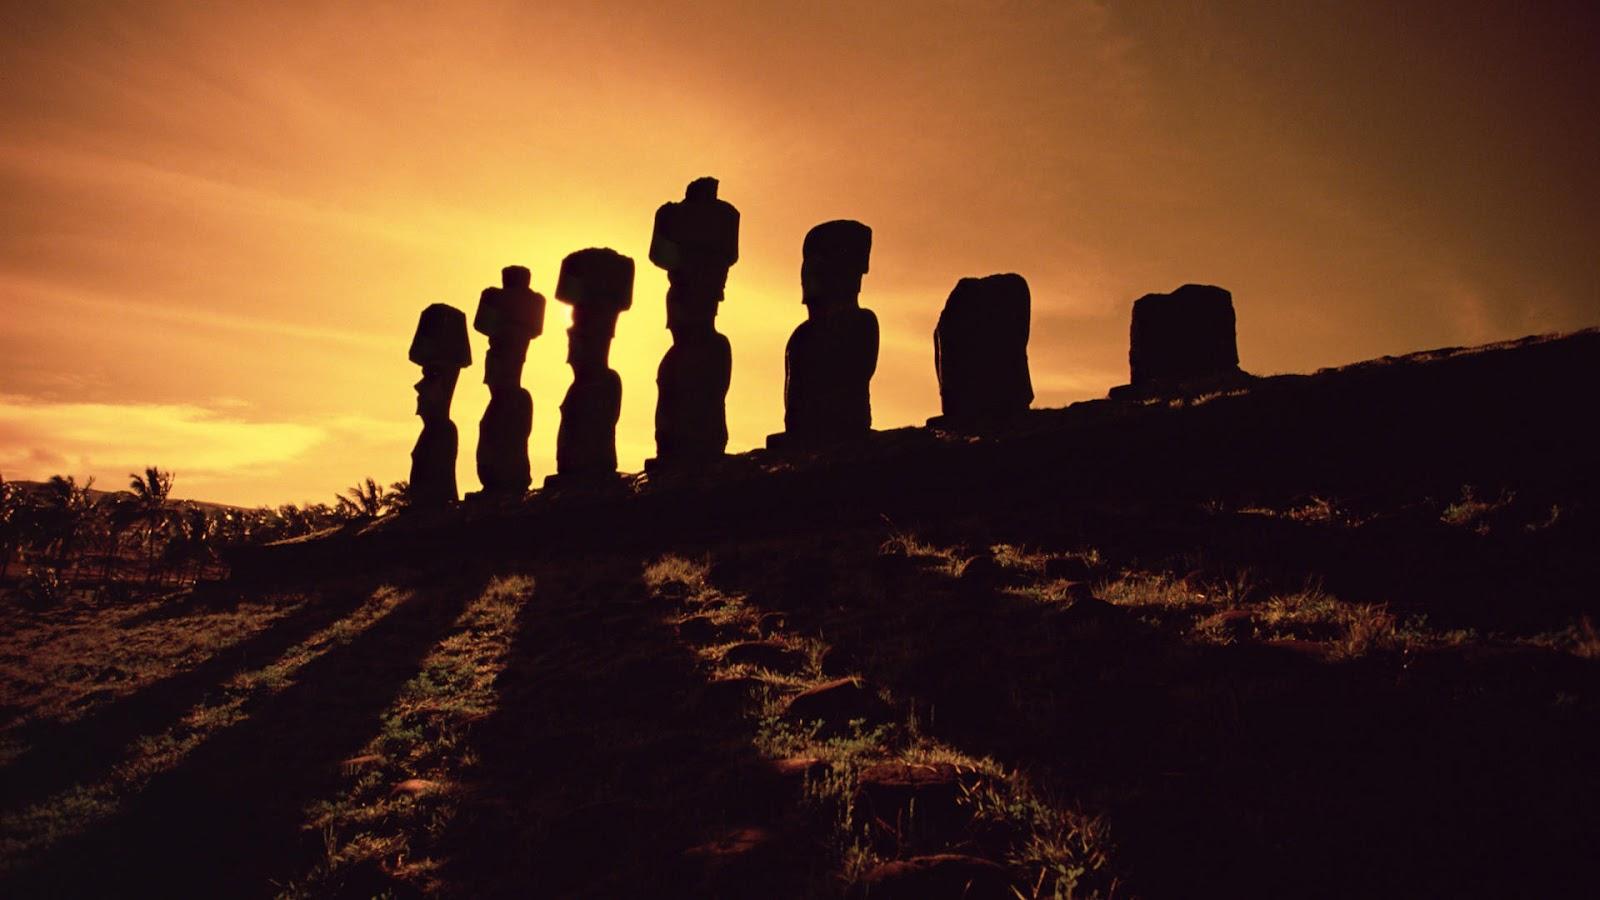 http://4.bp.blogspot.com/-B78I-Yb8hPc/UA0OLZEY0HI/AAAAAAAAAEY/hbDbNWTR-rY/s1600/Moai-Stone-Statues-at-Sunset-Easter-Island.jpg